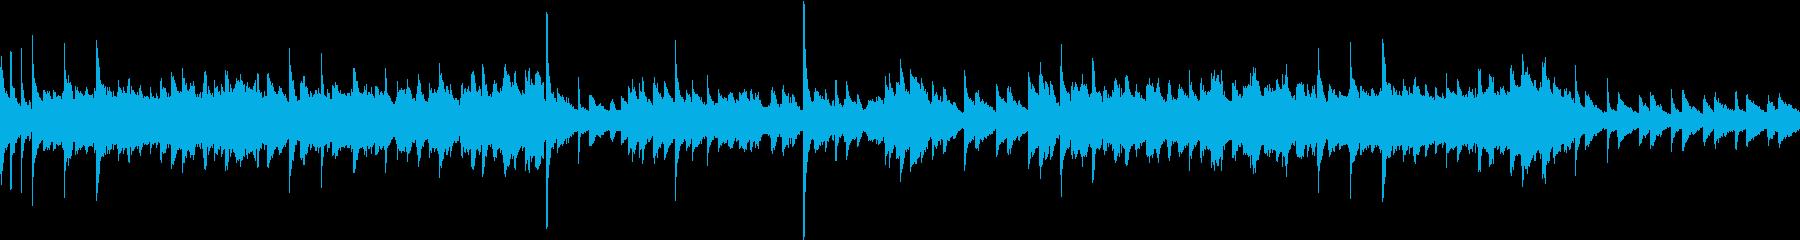 鈴の音が特徴的な明るいワルツですの再生済みの波形